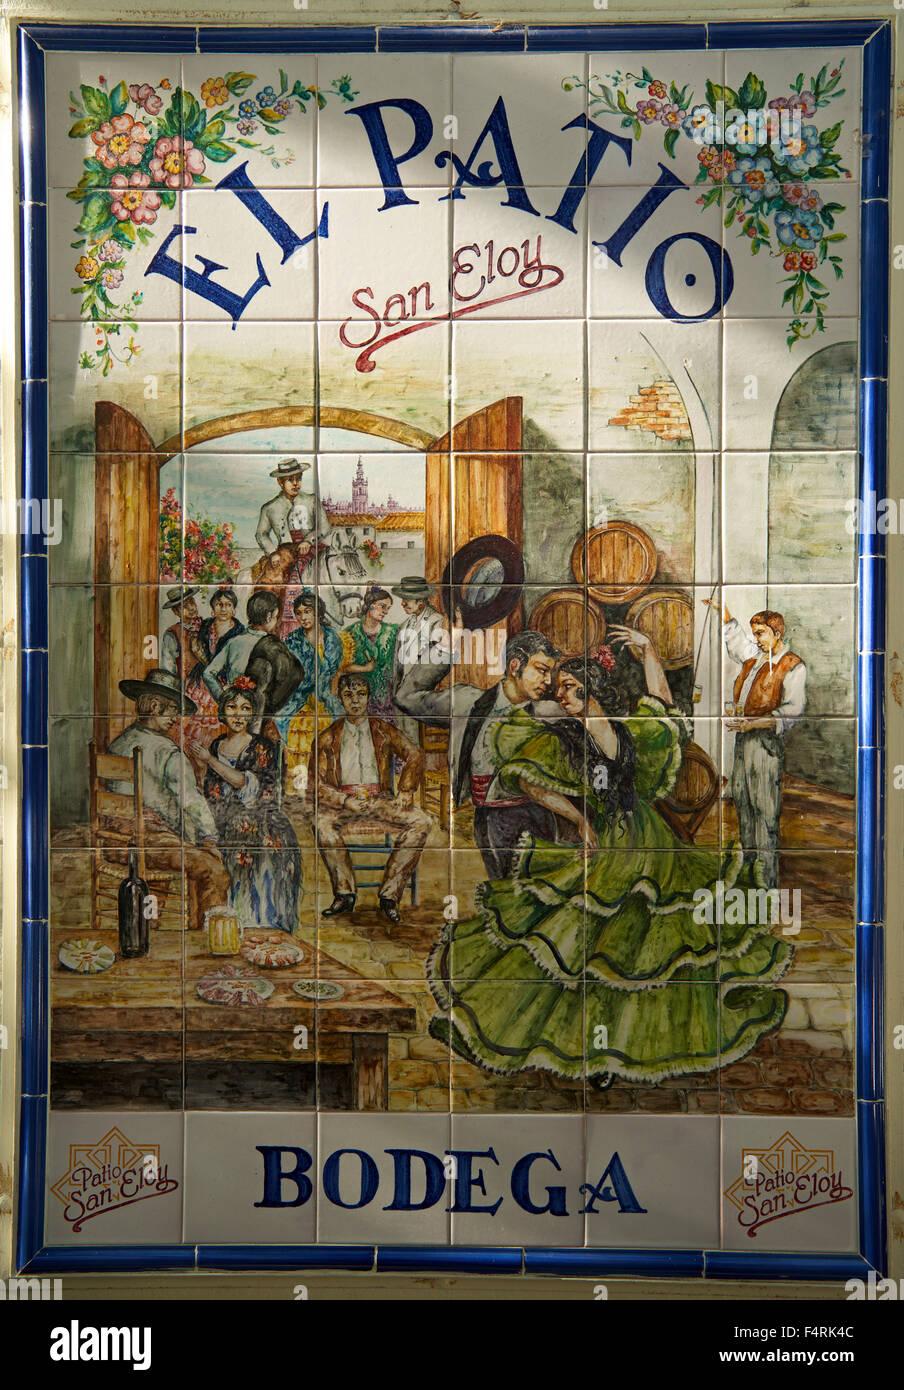 Andalusia, Spagna, Europa, fuori, giorno azulejos, tegola, tradizionale, Siviglia, dettaglio, nessuno, formato verticale Immagini Stock